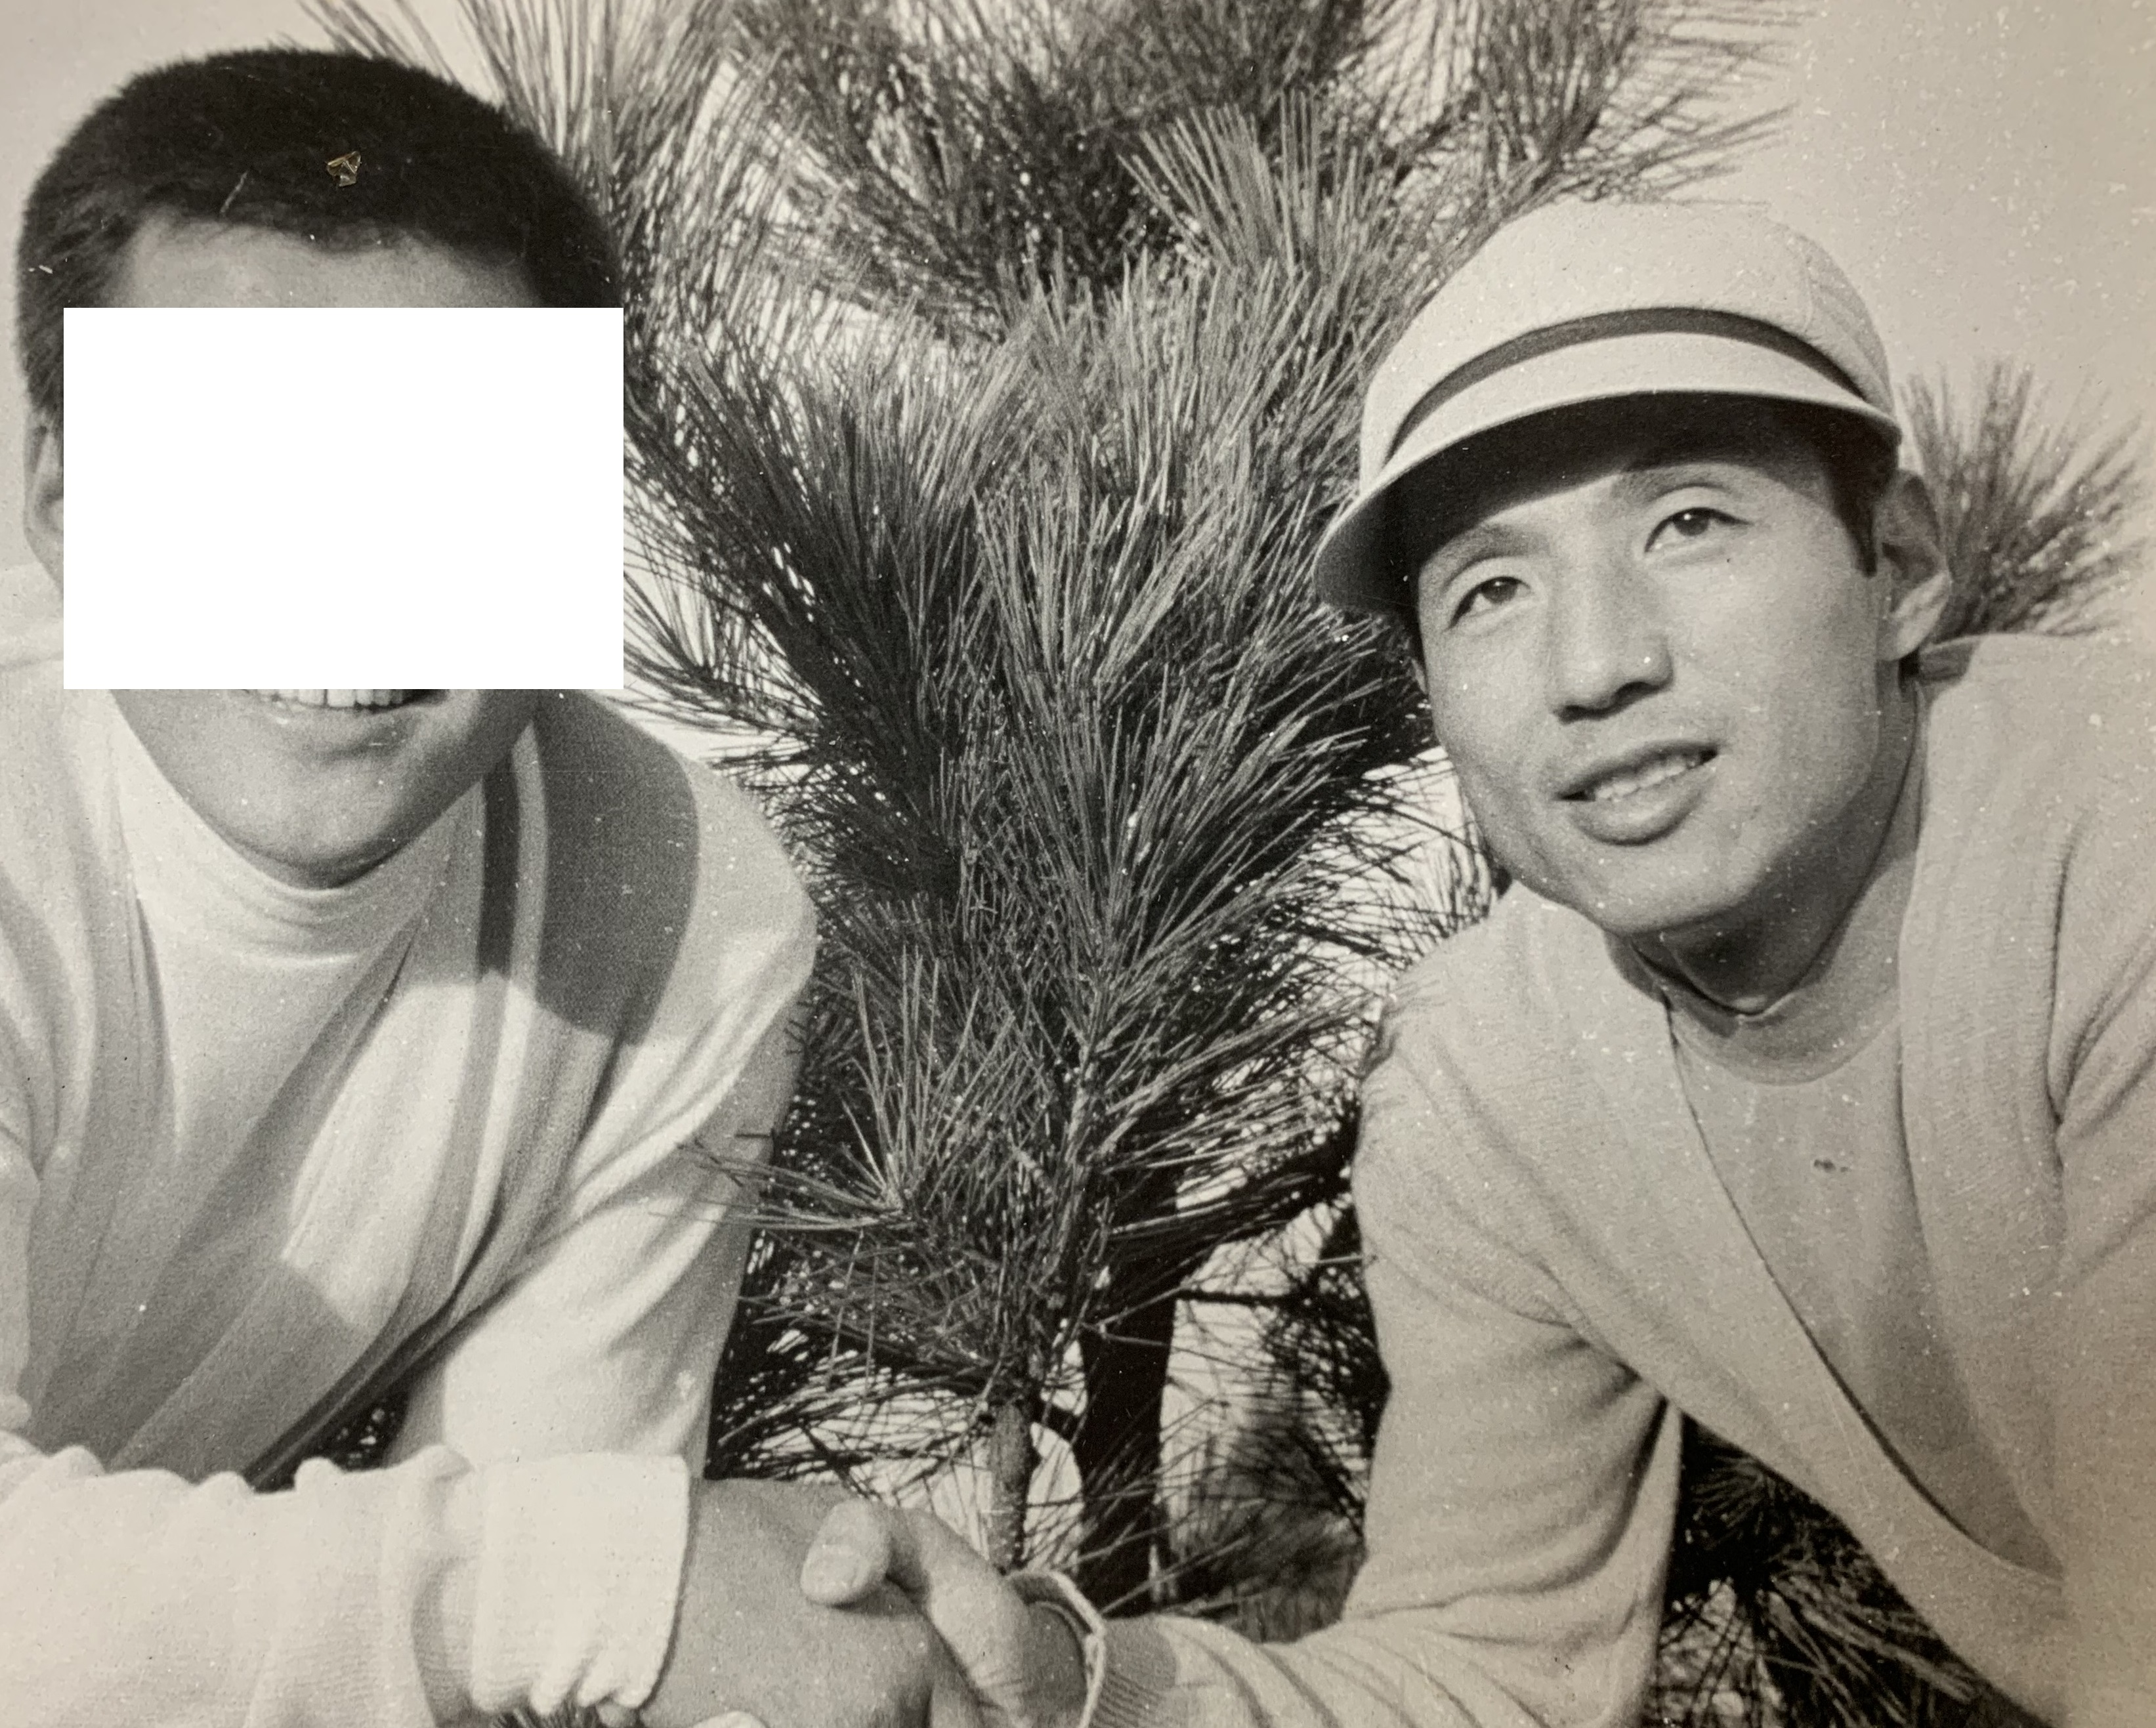 後藤修と歩むスクエア打法 復活前夜61~最終頁